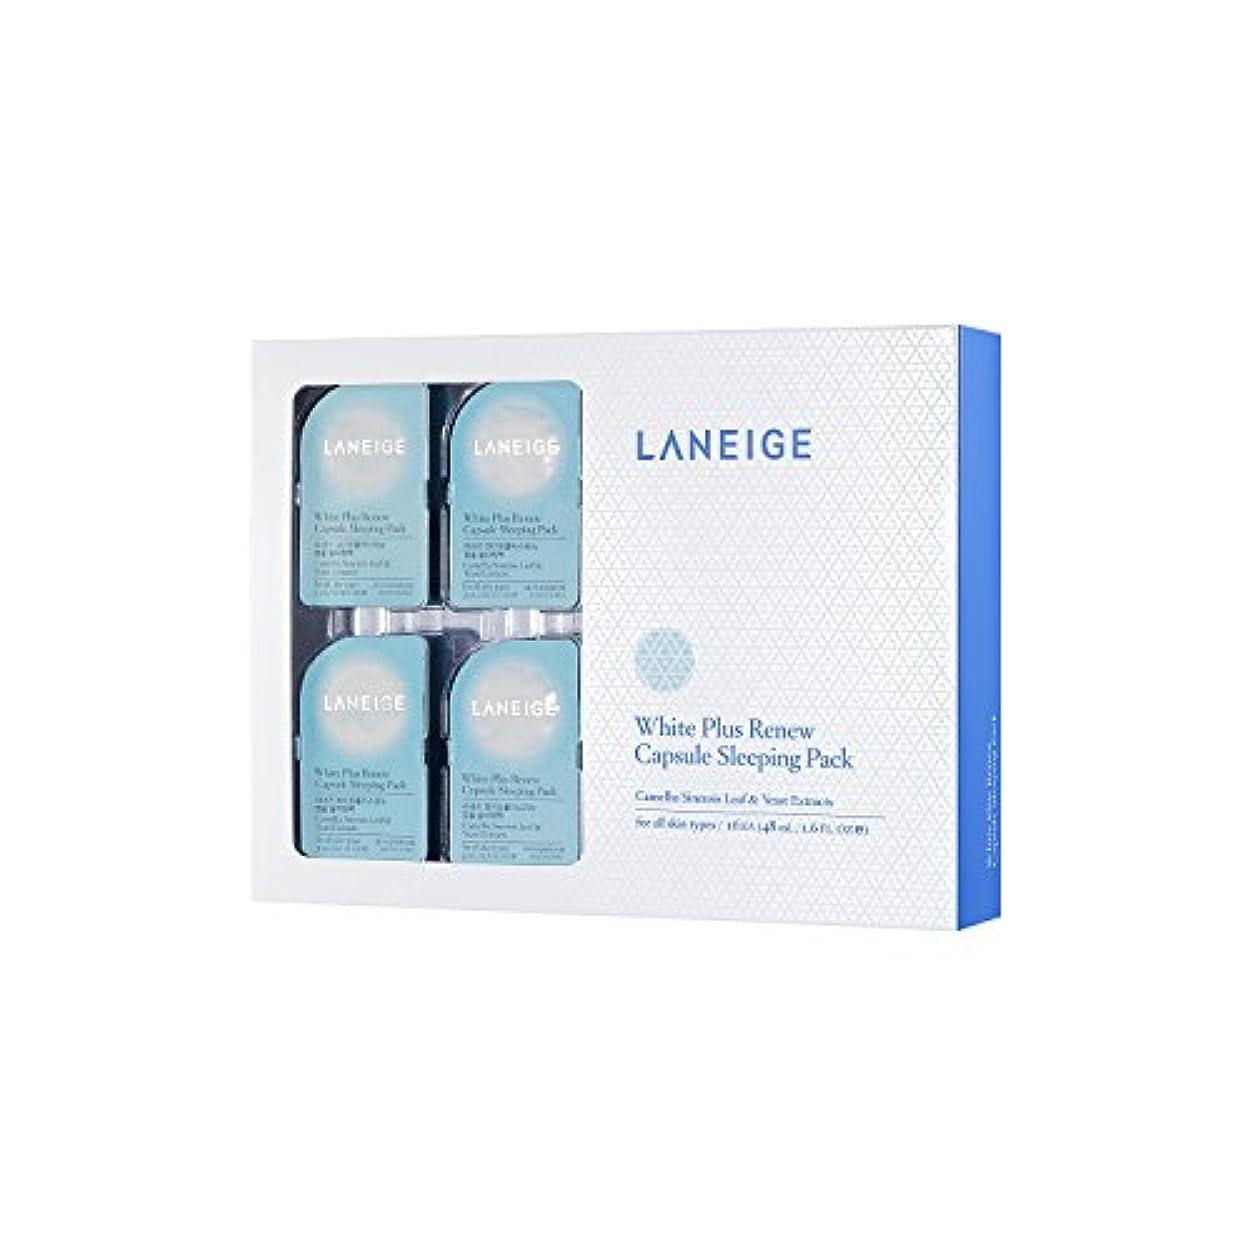 植物学者フットボールランチョンラネージュ(LANEIGE) ホワイト プラス リニュー カプセル スリーピングパック (美白) 3ml*16 [並行輸入品]